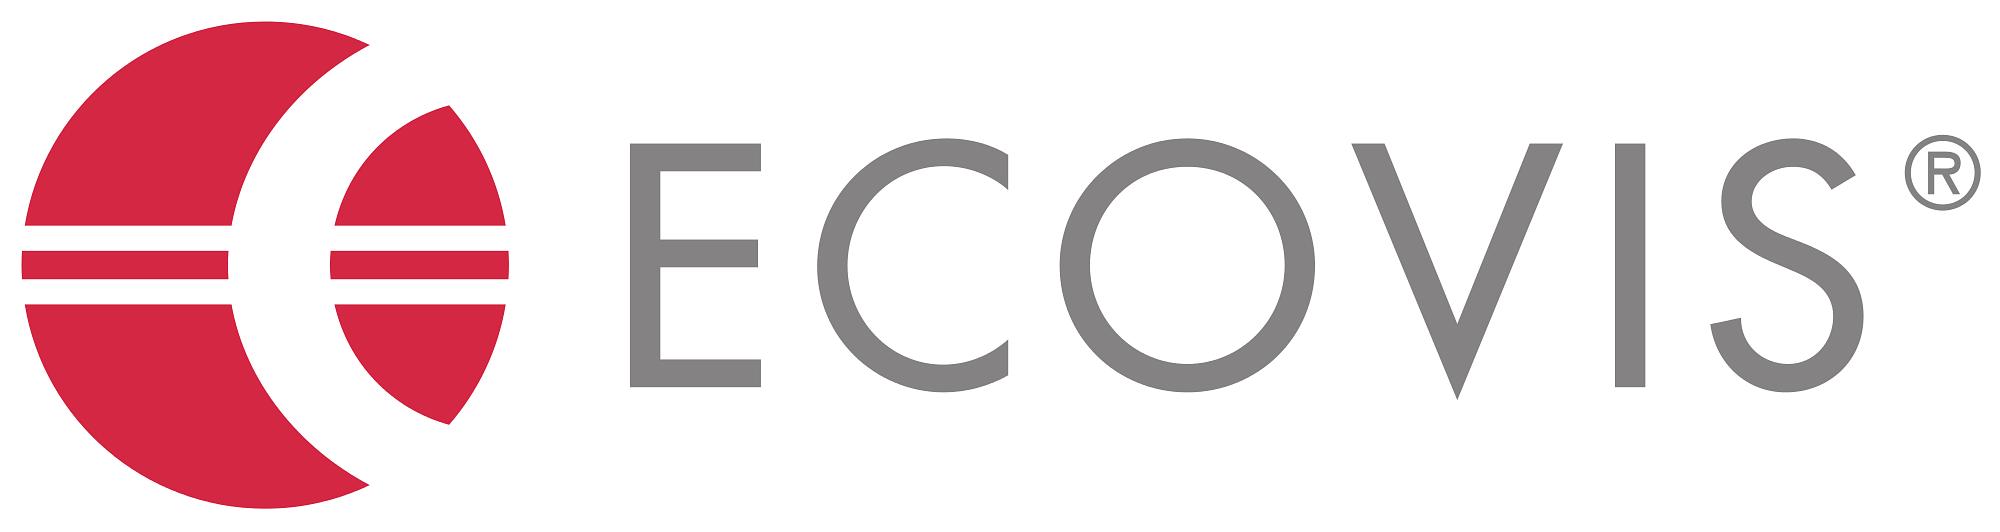 ECOVIS ws&p wirtschaftsprüfung ag